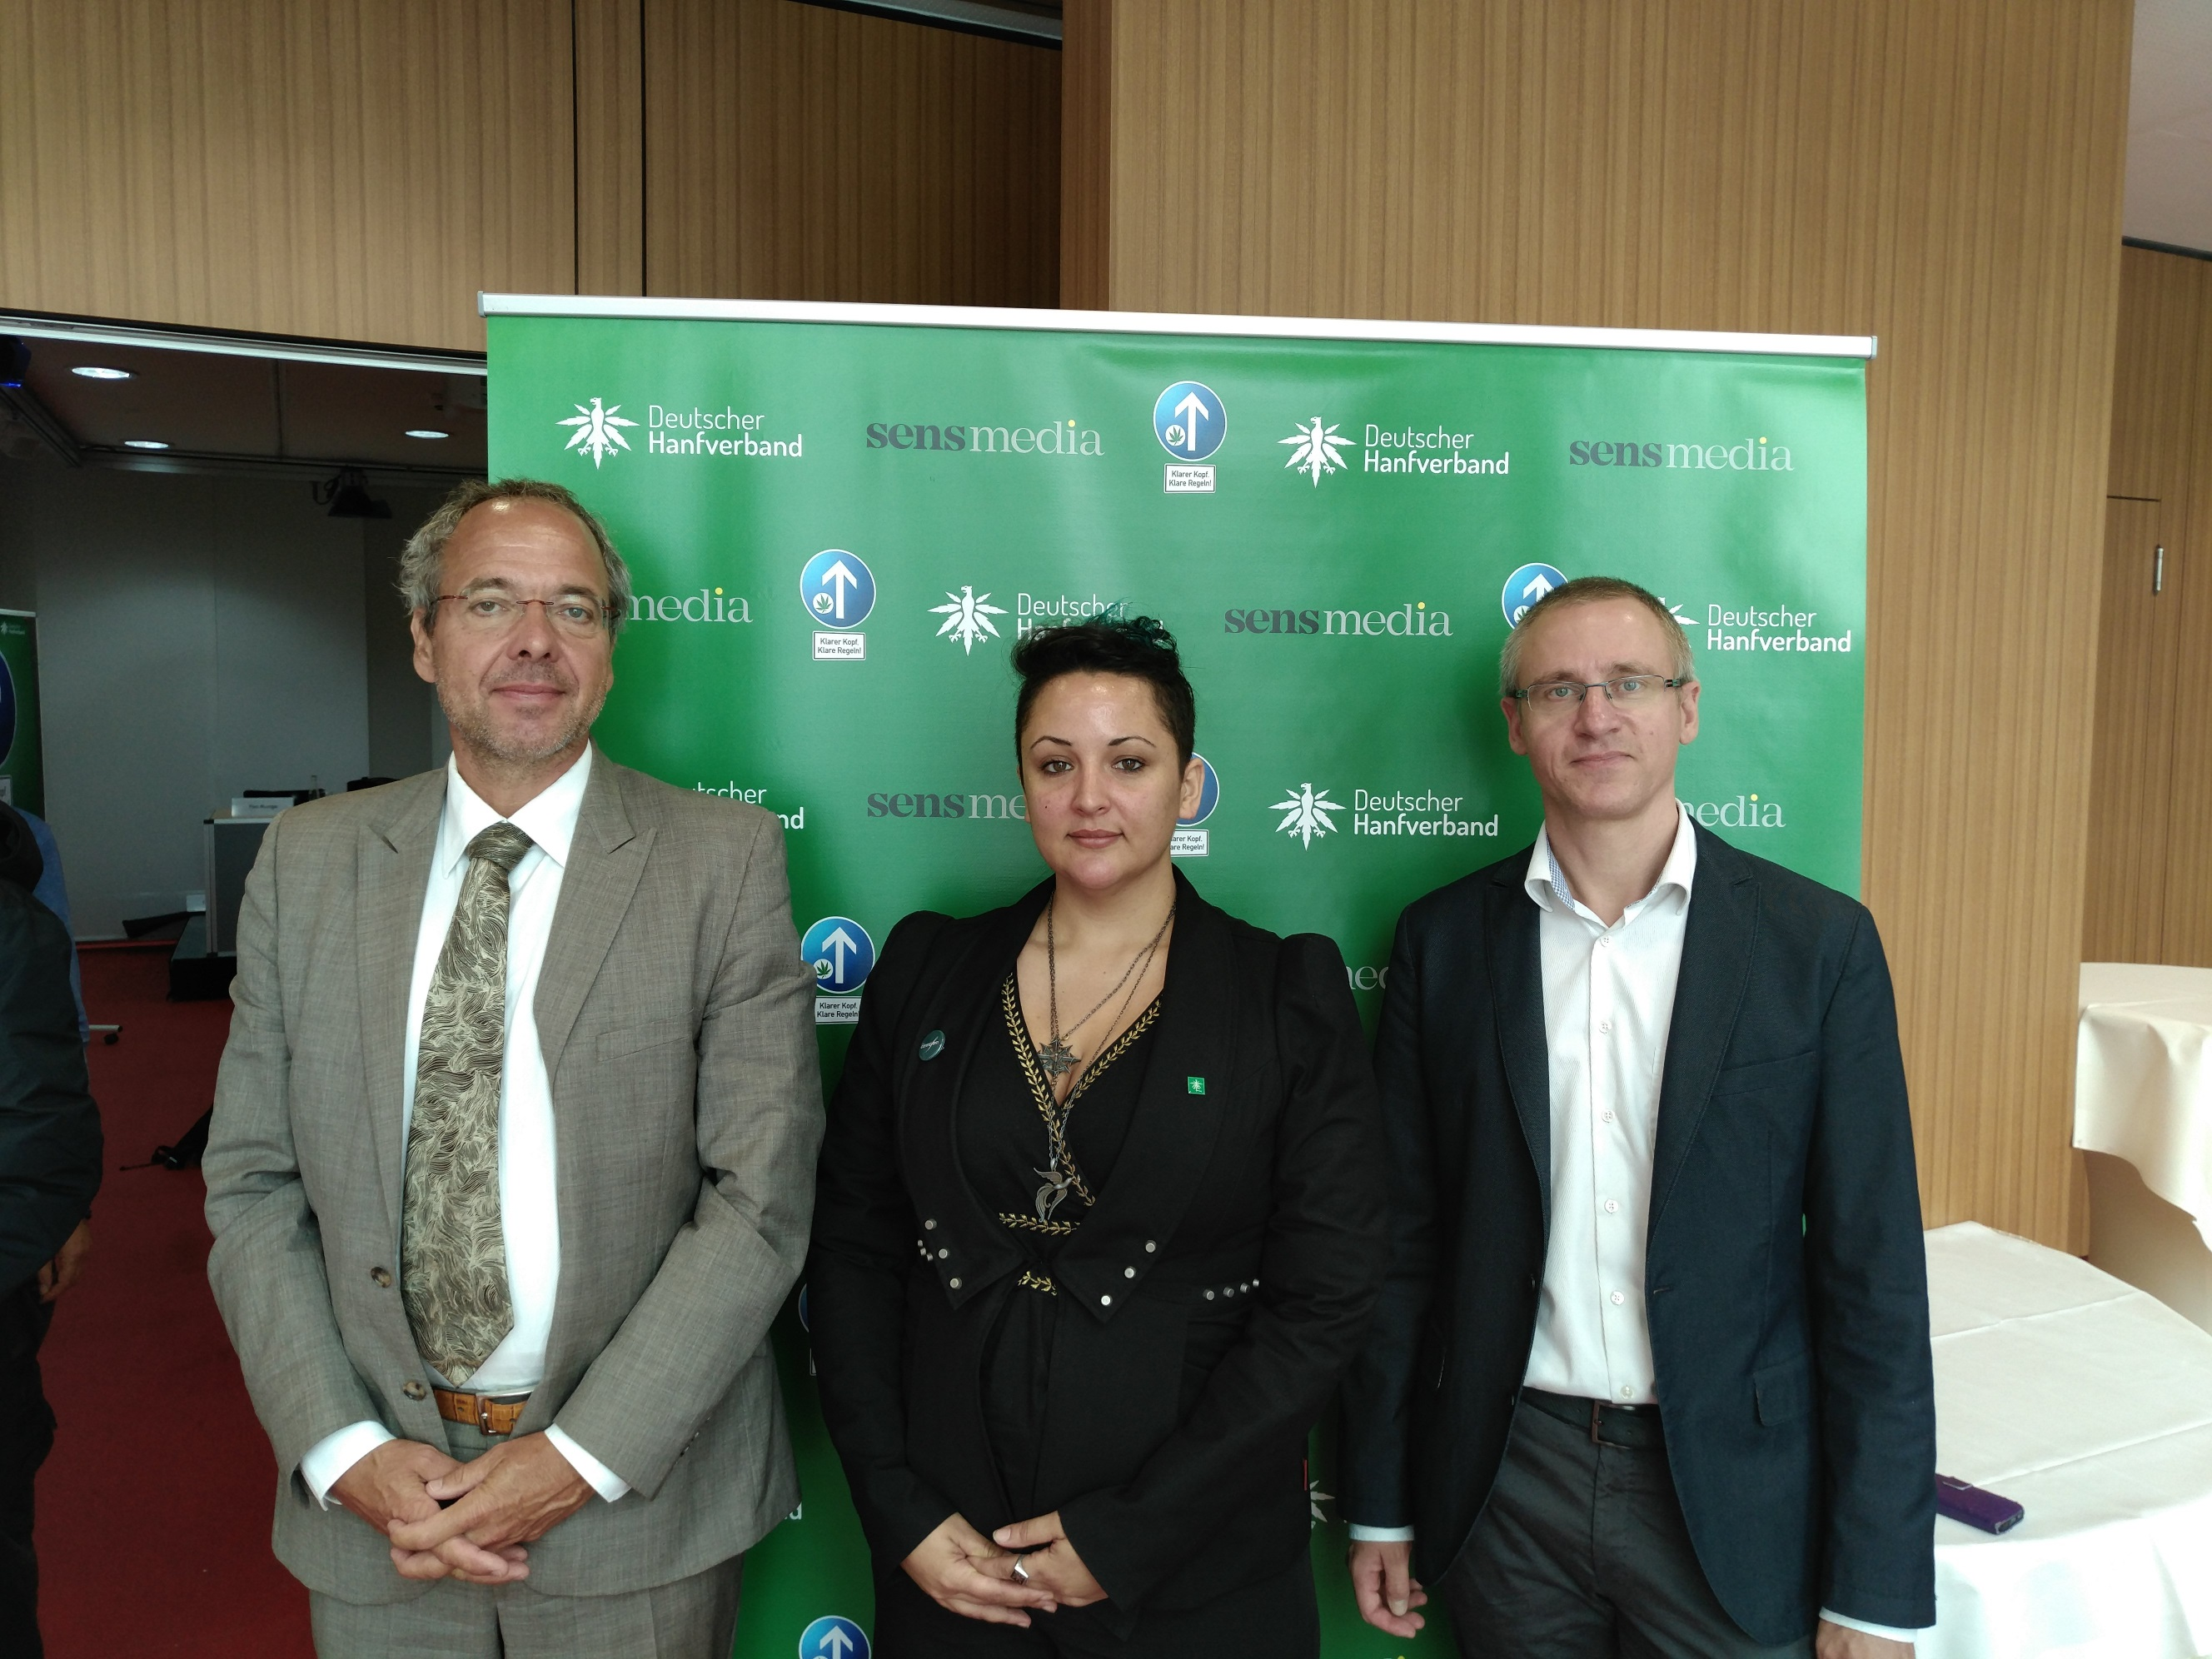 Rechtsanwalt Sebastian Glathe, Kampagnen-Managerin Mariana Pinzon Becht und DHV-Geschäftsführer Georg Wurth